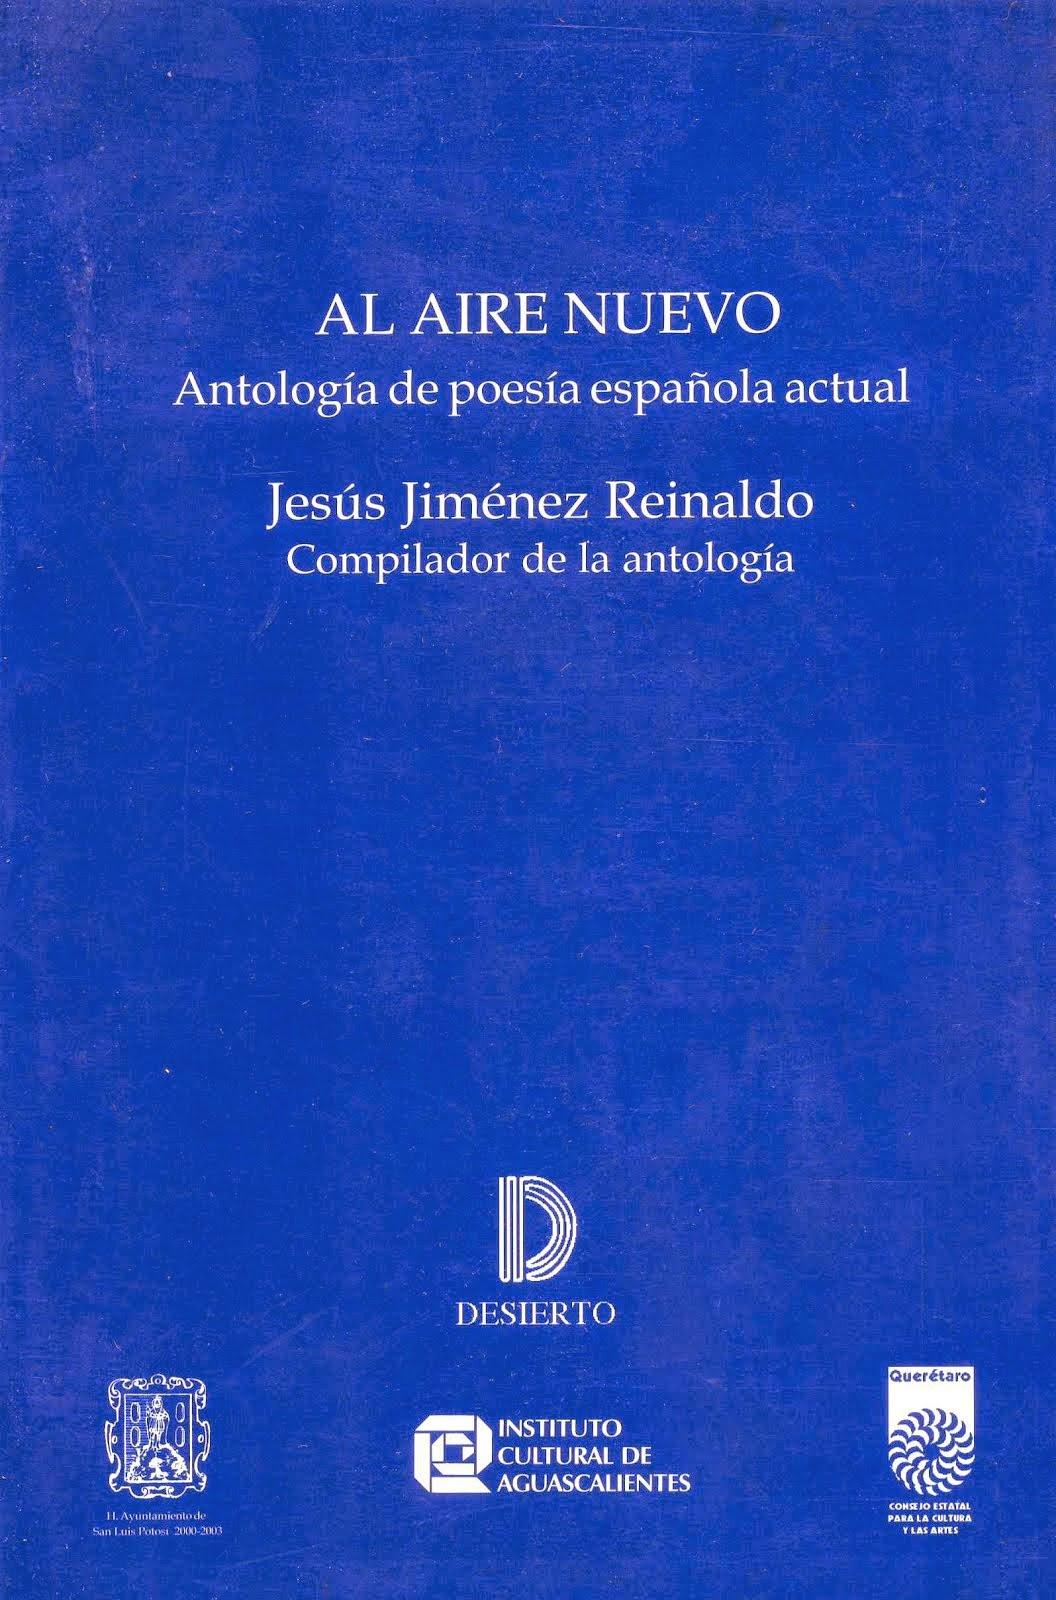 AL AIRE NUEVO [2001]